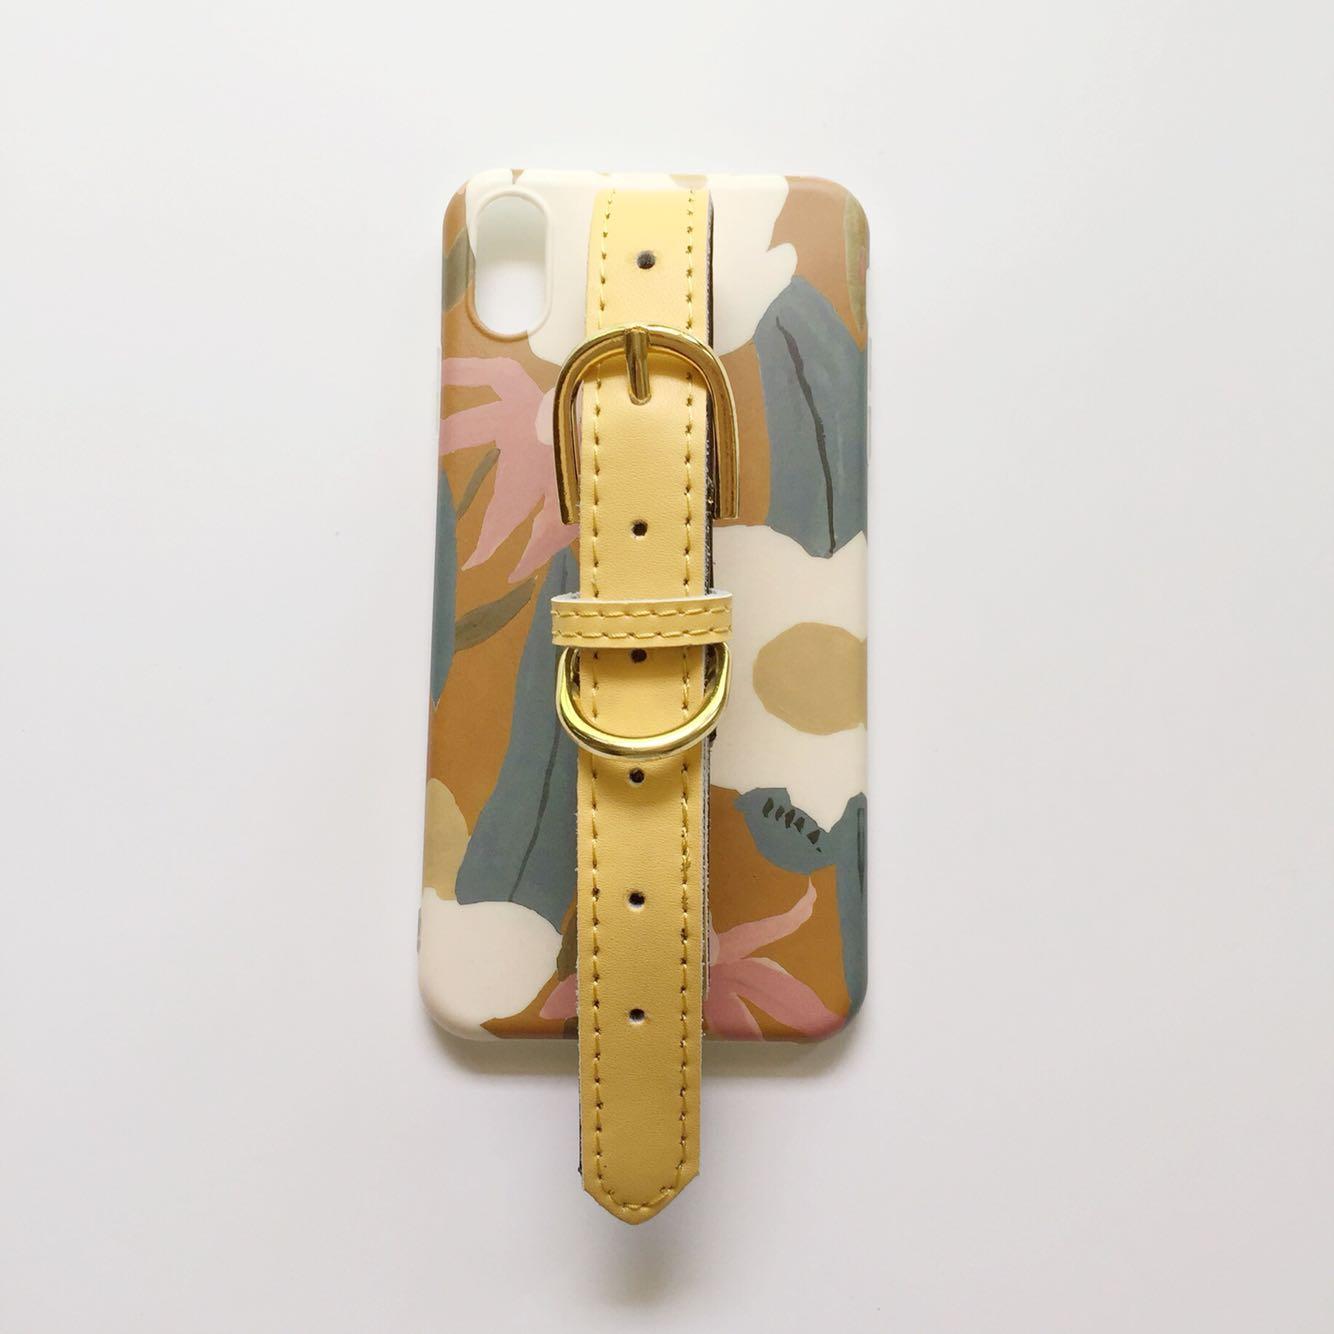 原创油画荷包蛋花朵iphonexsmax手腕带苹果手机壳8plus/7/xr软壳五折促销